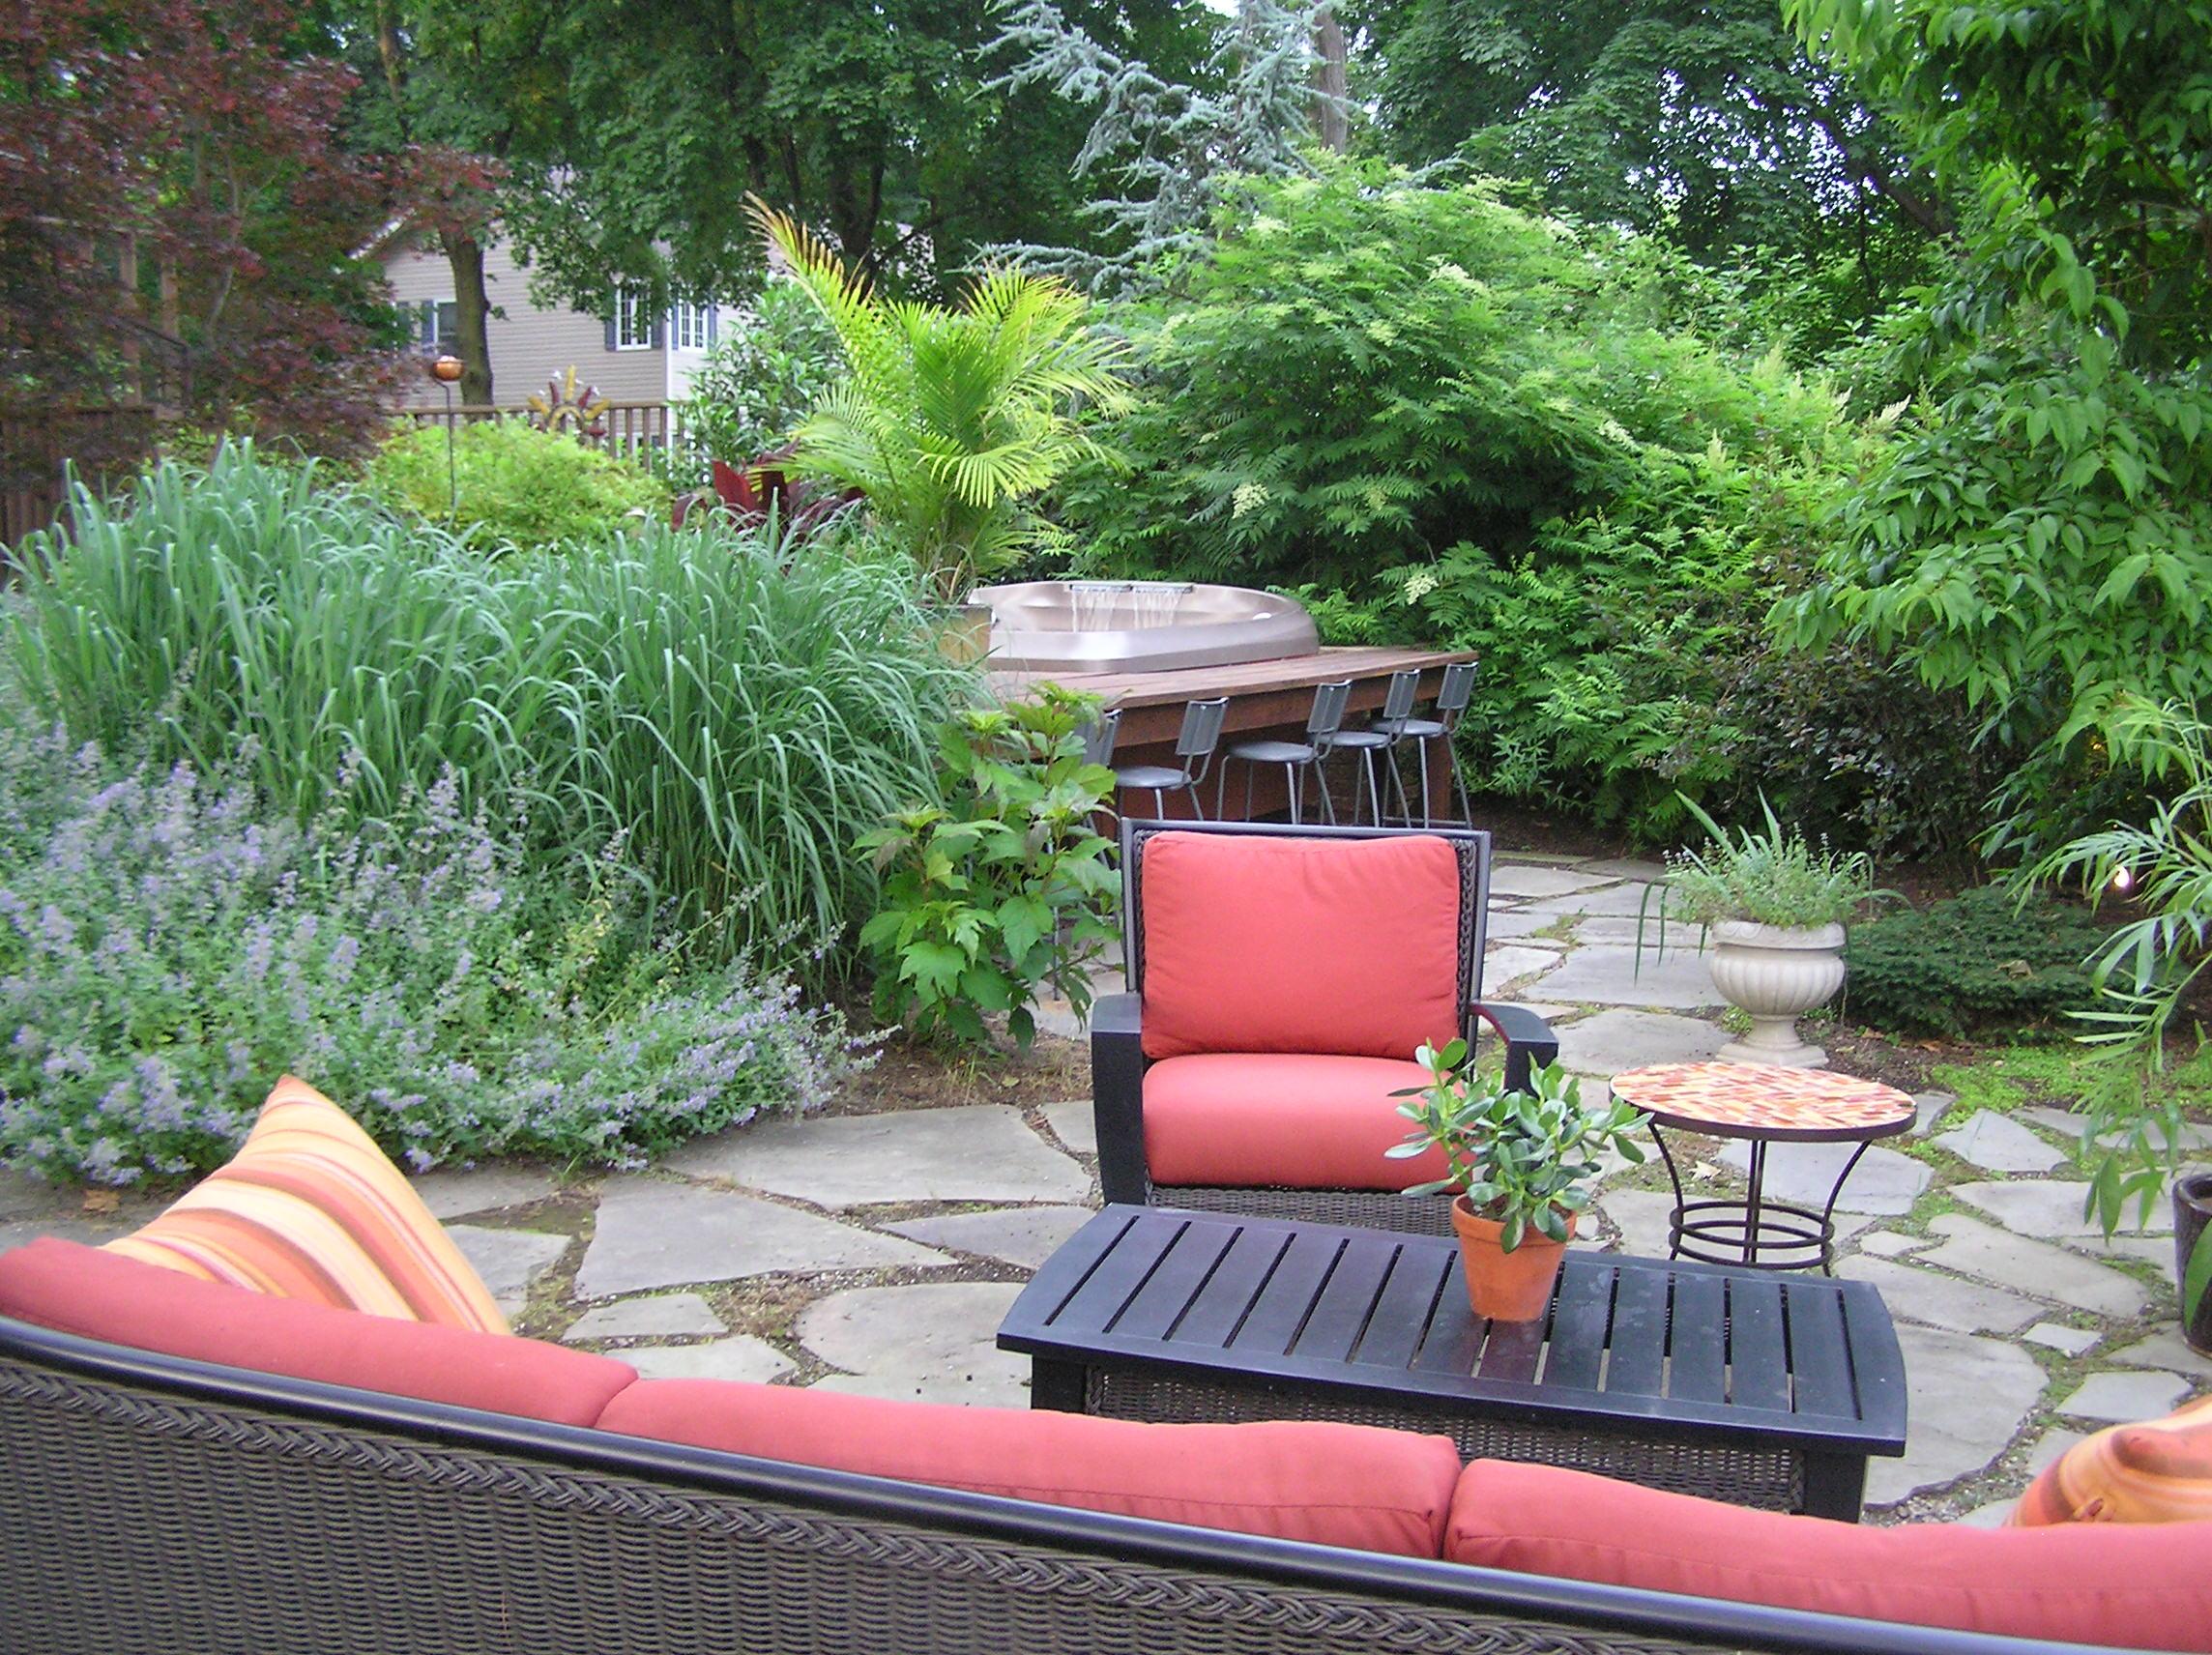 About garden design inc for Garden design inc